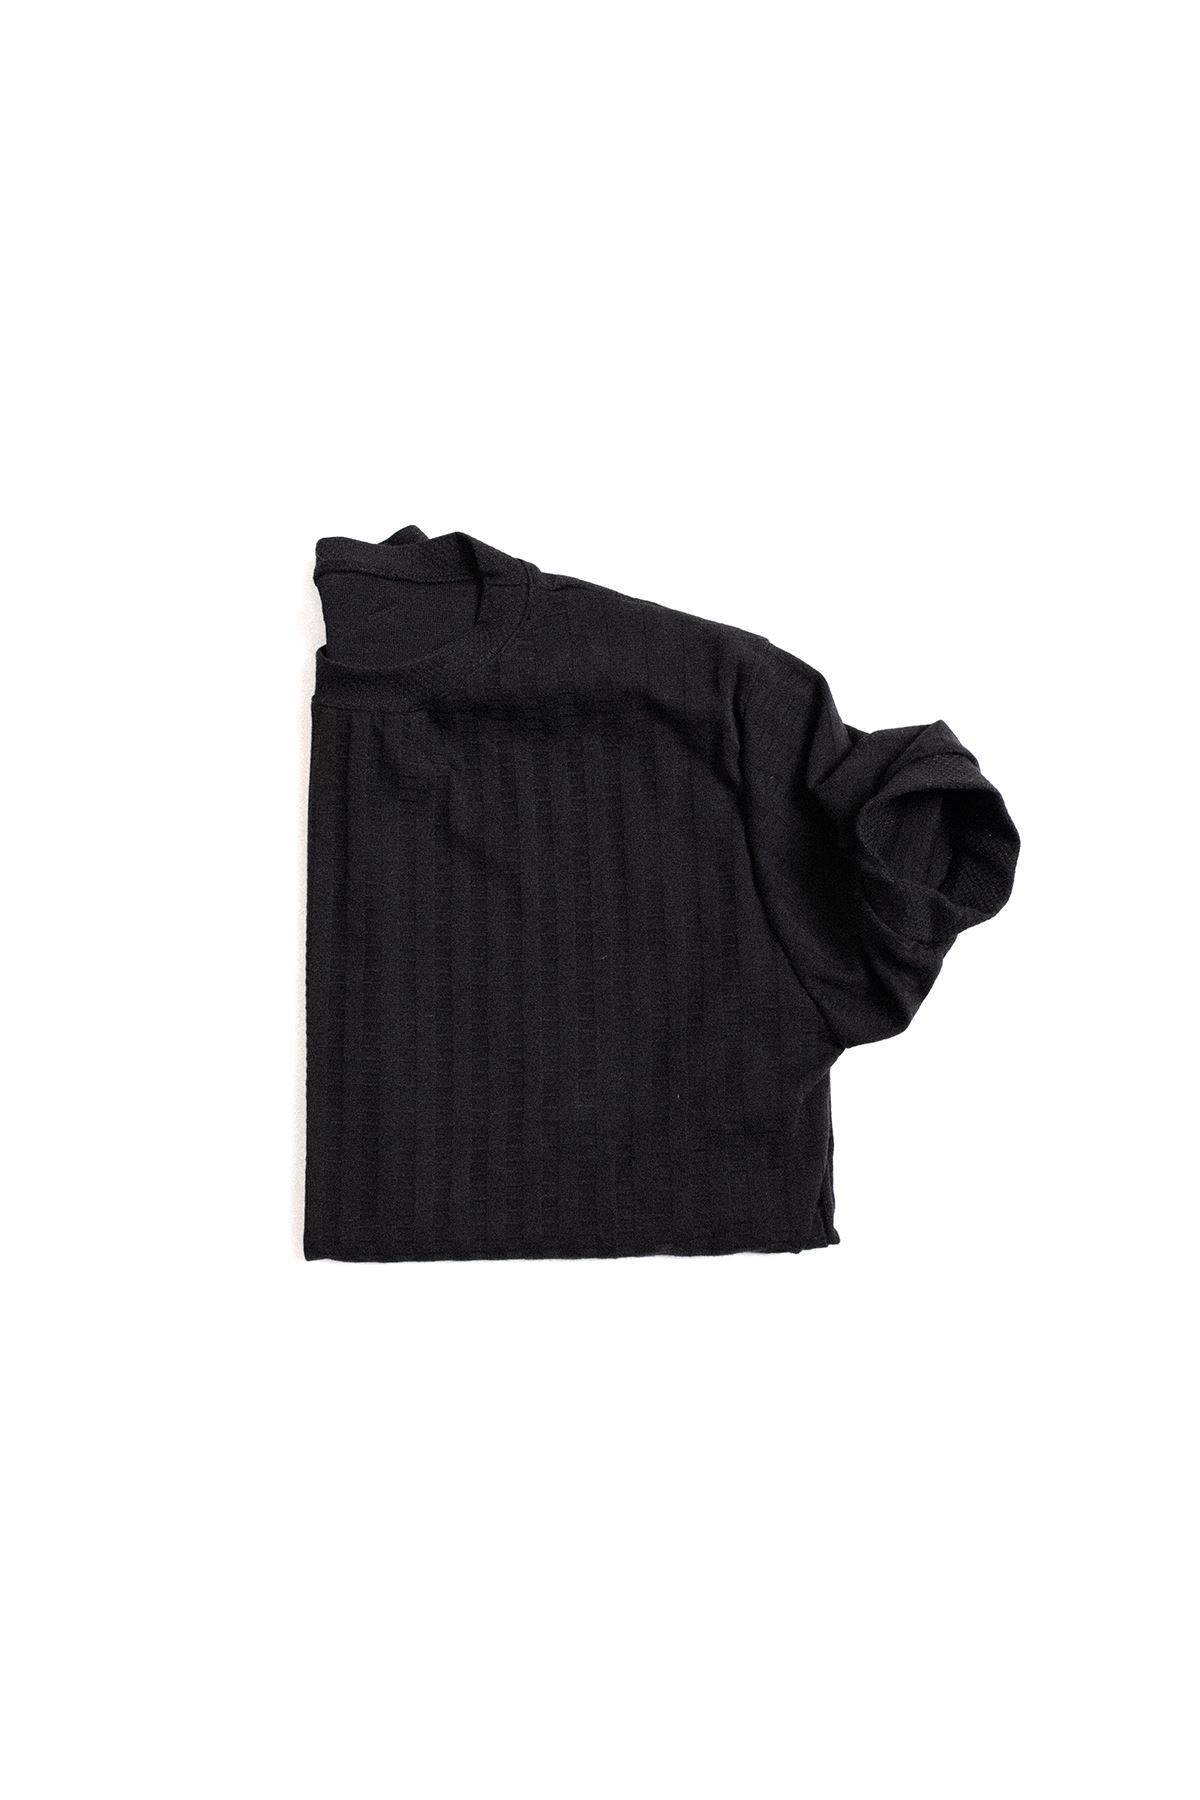 Siyah Pamuklu Triko T-Shirt